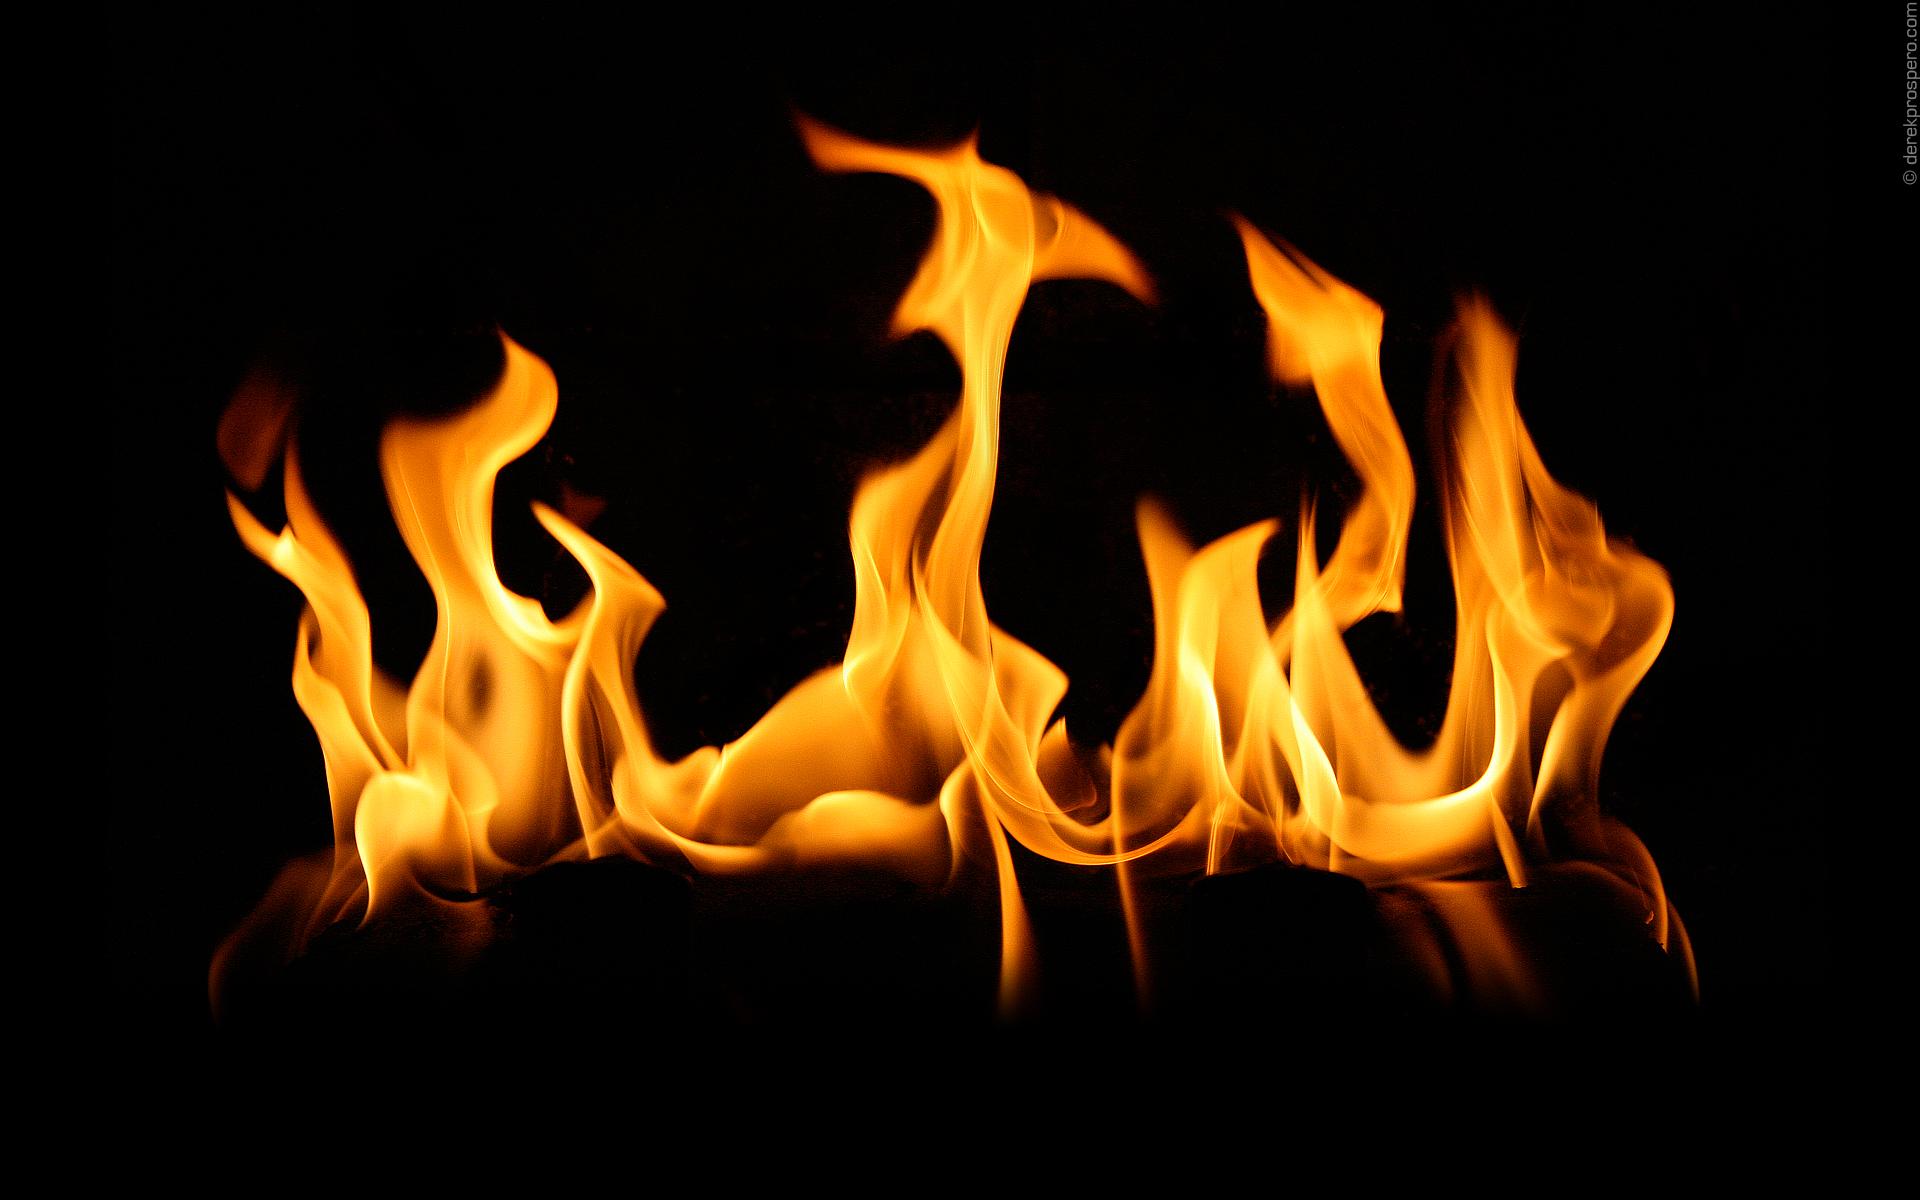 fire_la-hfsi.com